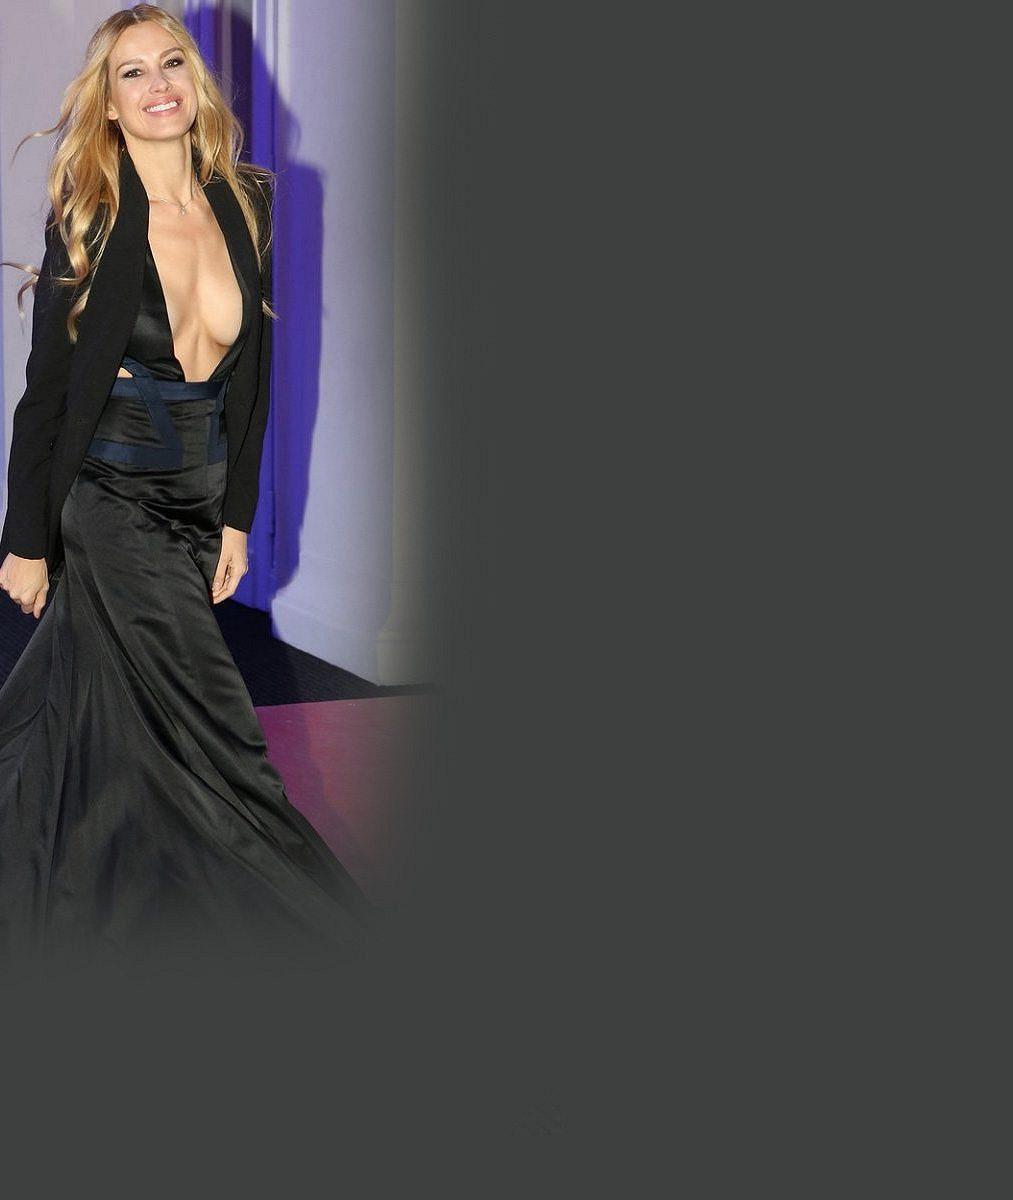 Večeře prominentů ve znamení vysoké módy. V luxusní róbě nezářila pouze Petra Němcová